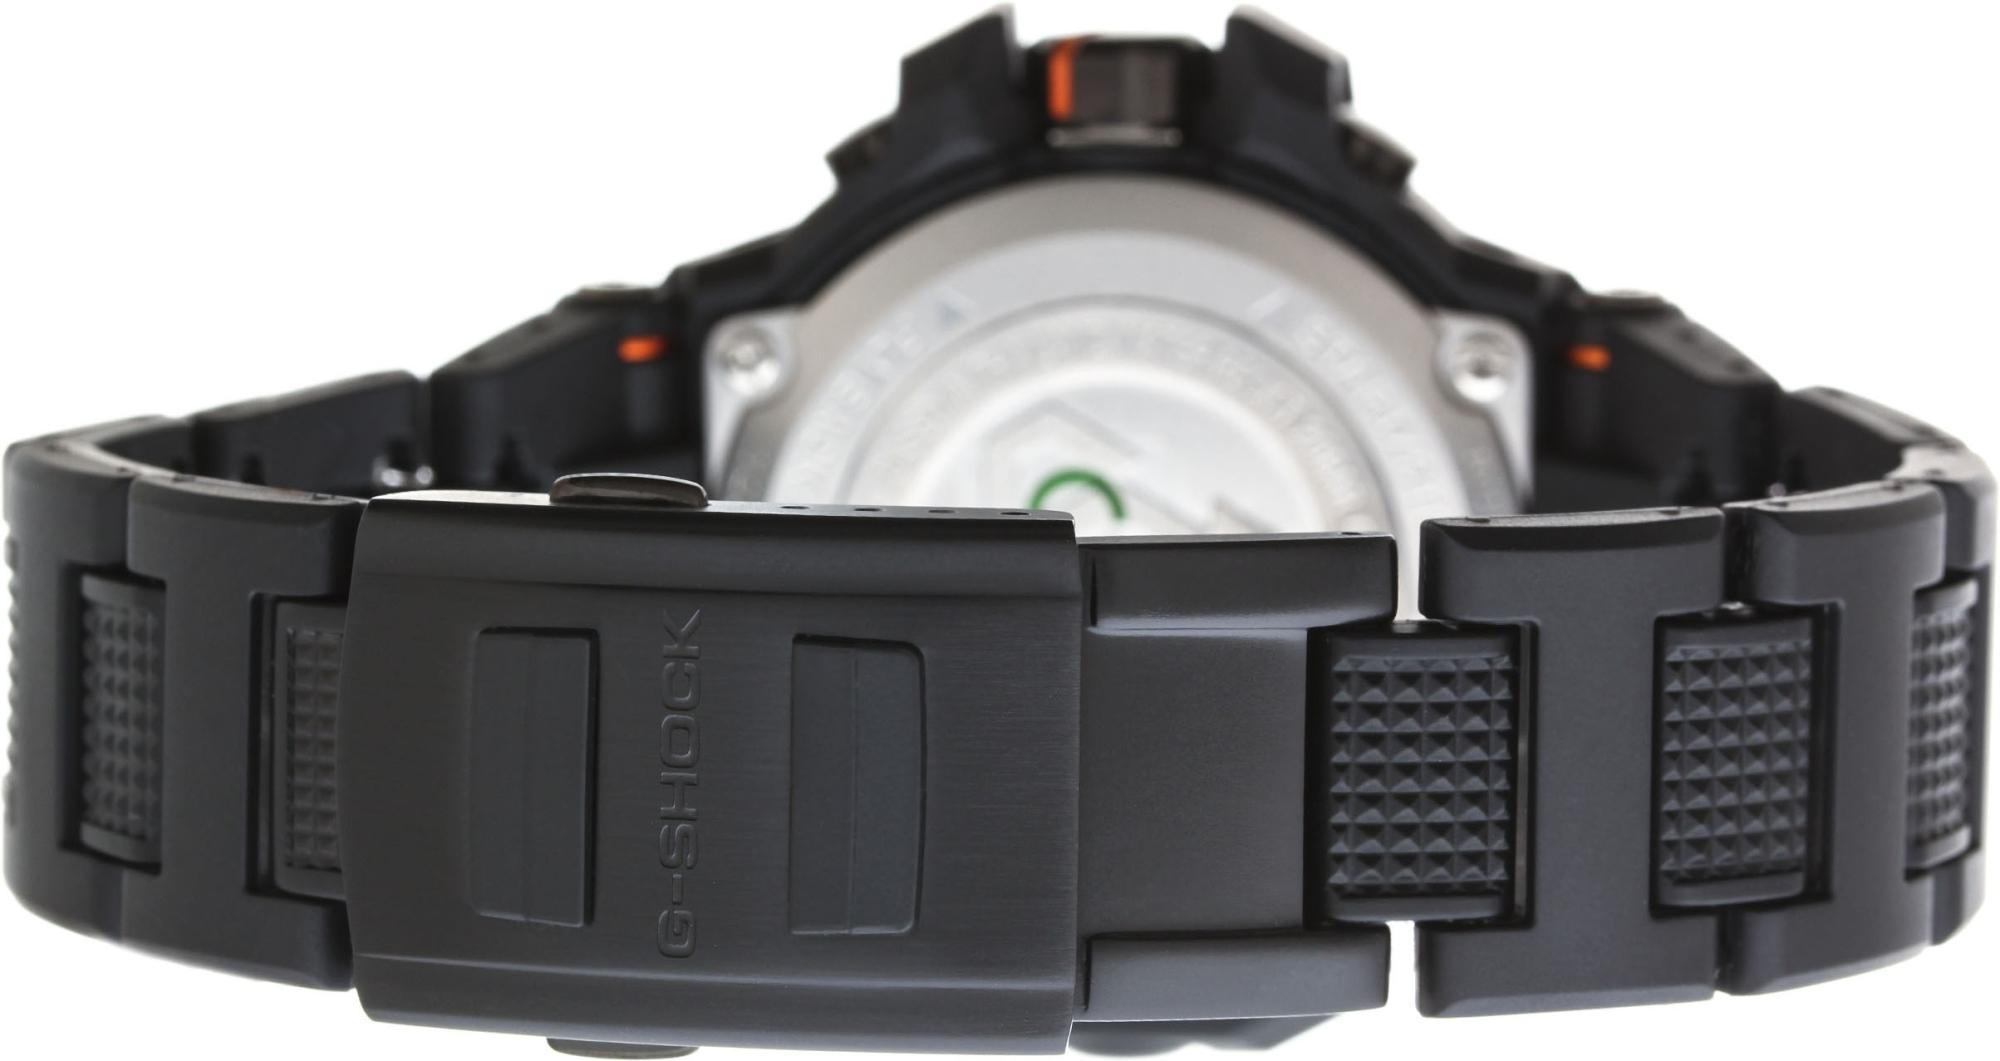 Casio G-shock GW-A1000FC-1A4Наручные часы<br>Японские часы Casio G-shock GW-A1000FC-1A4Представленная модель входит в коллекцию G-shock. Это великолепные мужские часы. Материал корпуса часов &amp;mdash; пластик. В этой модели стоит минеральное стекло. Часы выдерживают давление на глубине 200 м. Основной цвет циферблата черный. Из основных функций на циферблате представлены: часы, минуты, секунды. В данной модели используются следующие усложнения: дата, день недели, сложный календарь, второе поясное время, будильник, . Размер данной модели 48х54мм.<br><br>Пол: Мужские<br>Страна-производитель: None<br>Механизм: Кварцевый<br>Материал корпуса: Пластик<br>Материал ремня/браслета: Пластик<br>Водозащита, диапазон: None<br>Стекло: Минеральное<br>Толщина корпуса: 17<br>Стиль: Классика